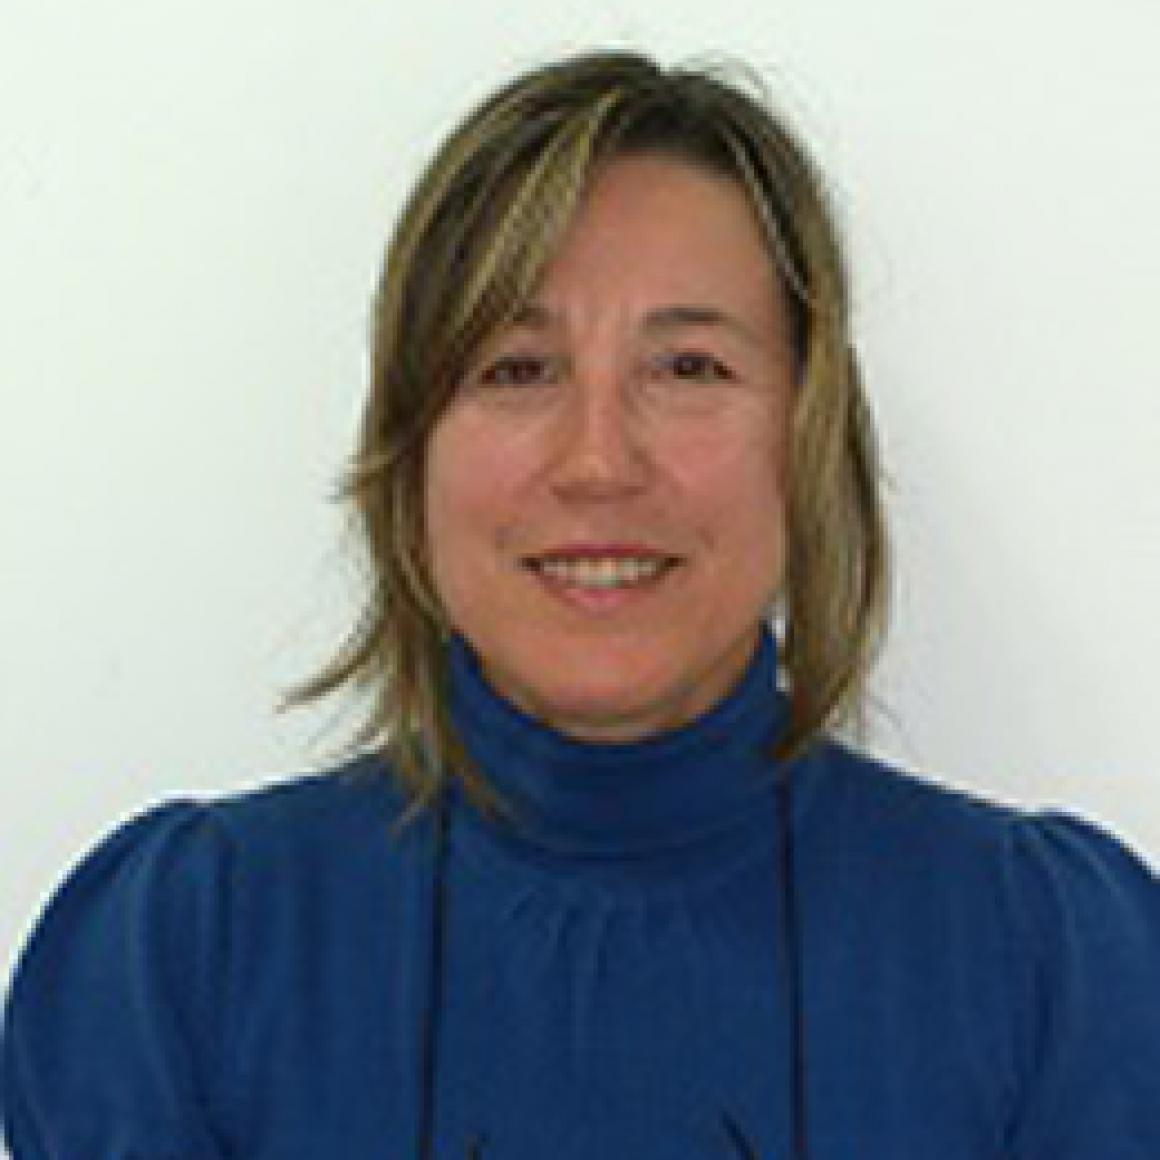 Jatc Greece Partner20 BALUCI Christine